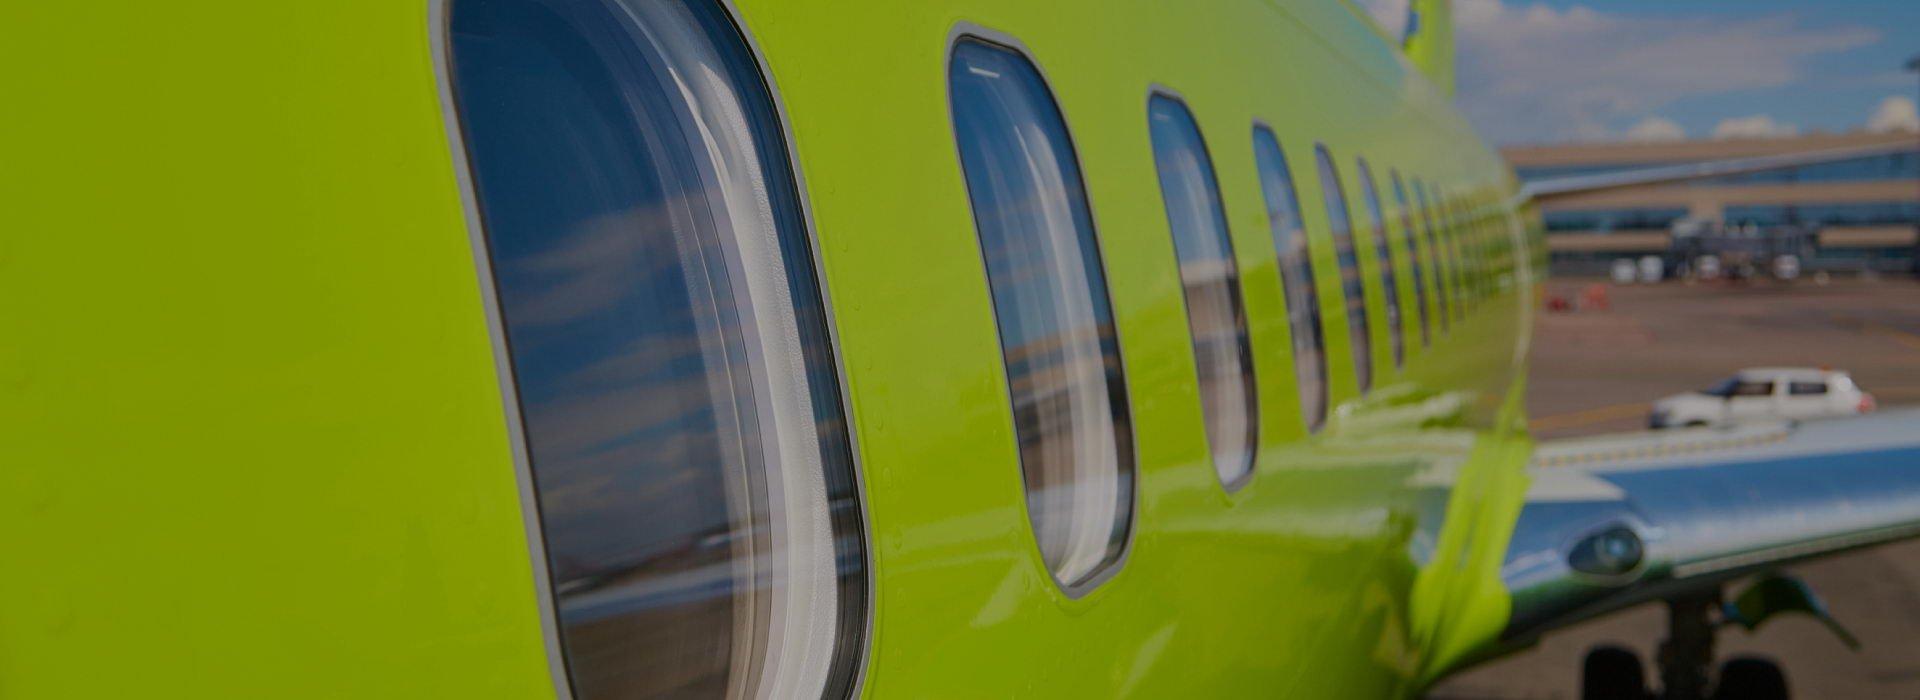 Прекрасные зеленые